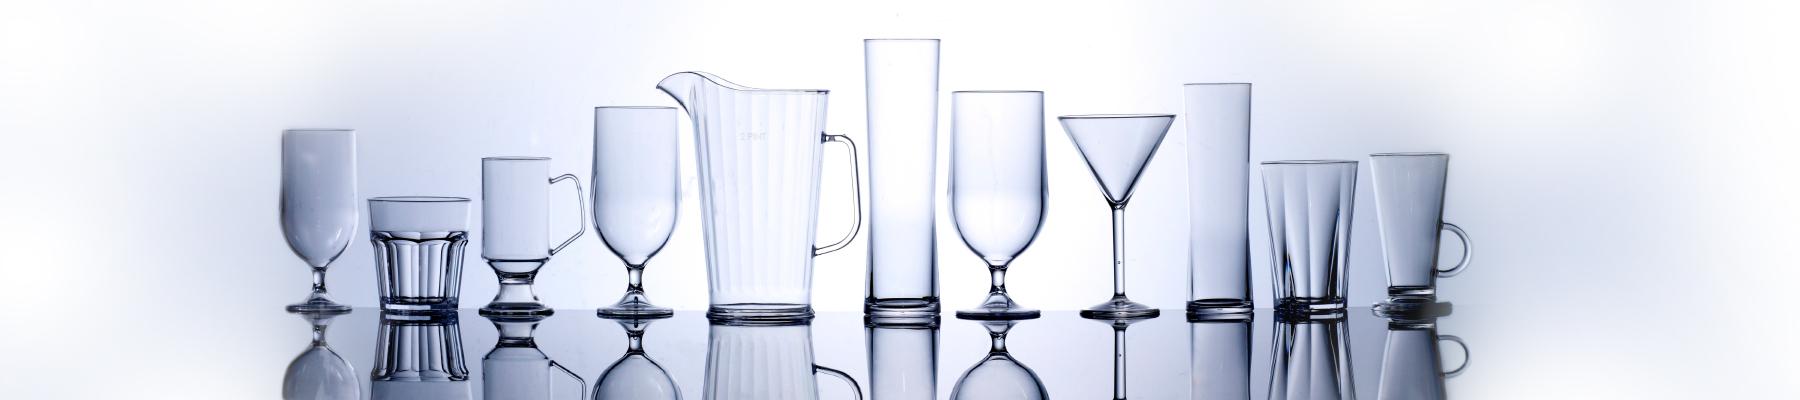 plastic glassware 4